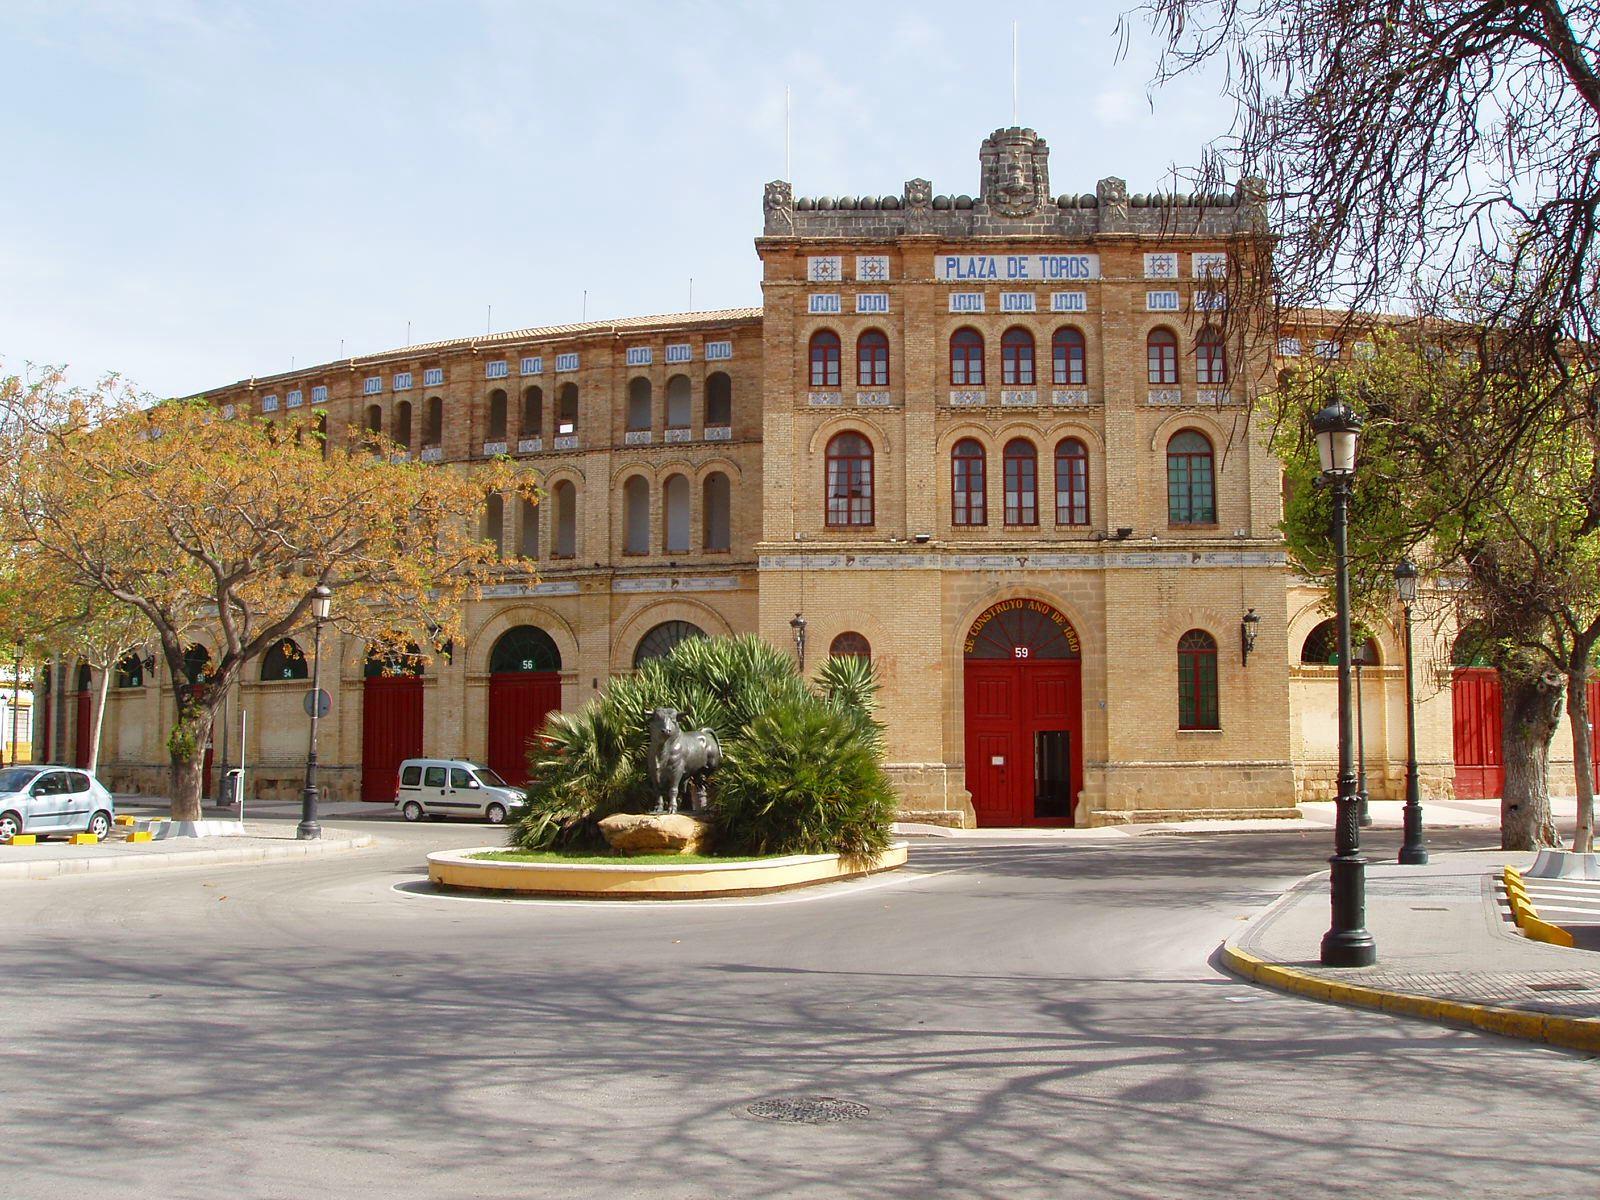 Puerto de santa mar a los toros patrimonio cultural inmaterial - Que visitar en el puerto de santa maria cadiz ...